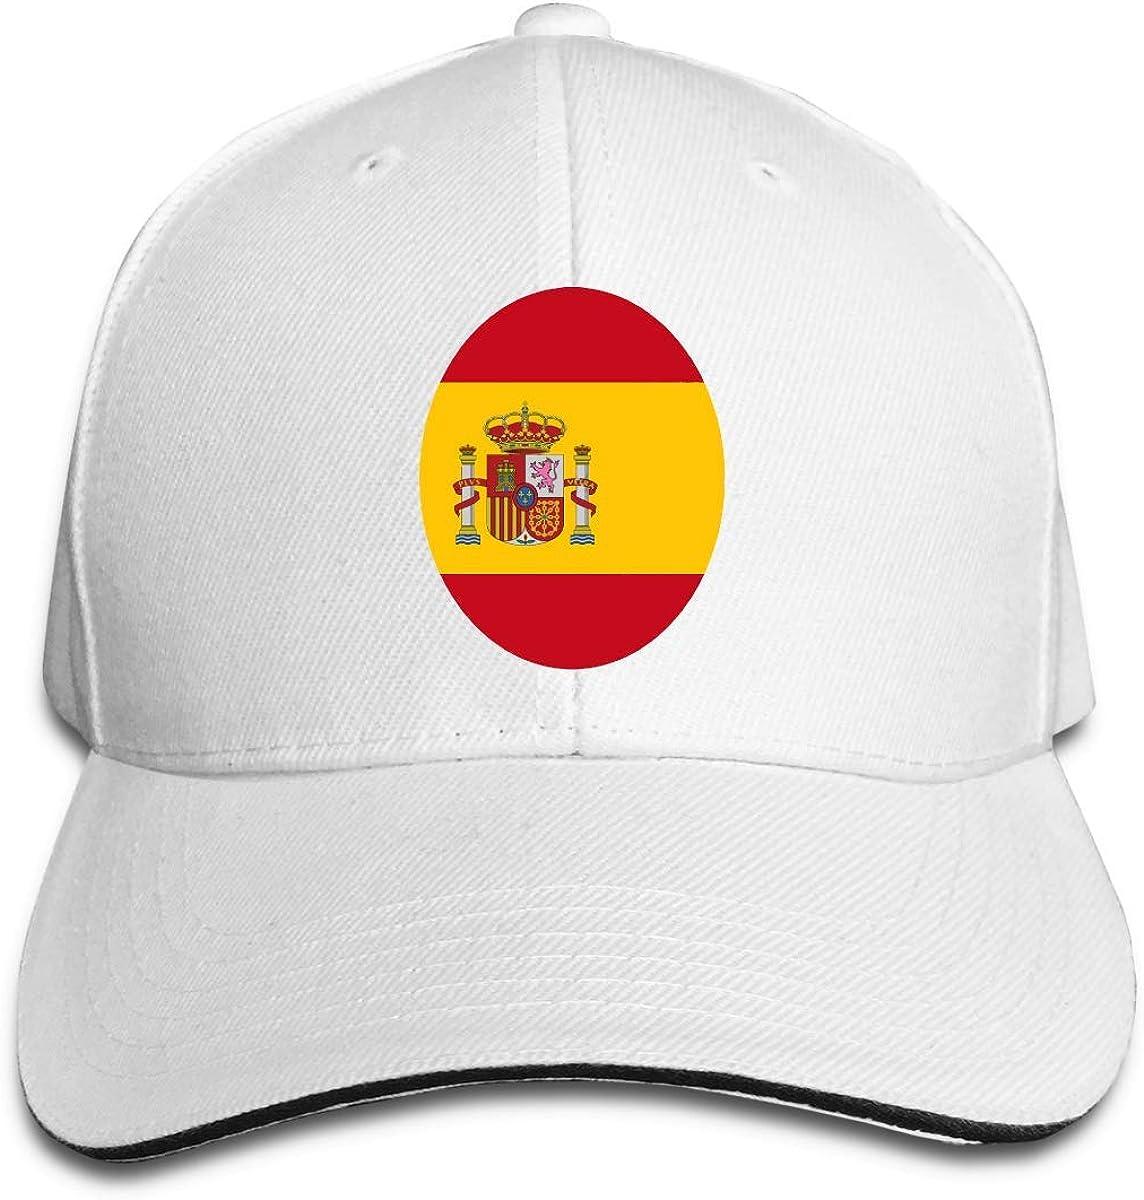 KKs-Shop Bandera de españa España Bandera Redonda Gorra de Camionero Unisex Sombreros de béisbol Lindos Sombrero de papá, Sombreros Deportivos Ajustables al Aire Libre Gorra Sombreros Ajustados: Amazon.es: Ropa y accesorios